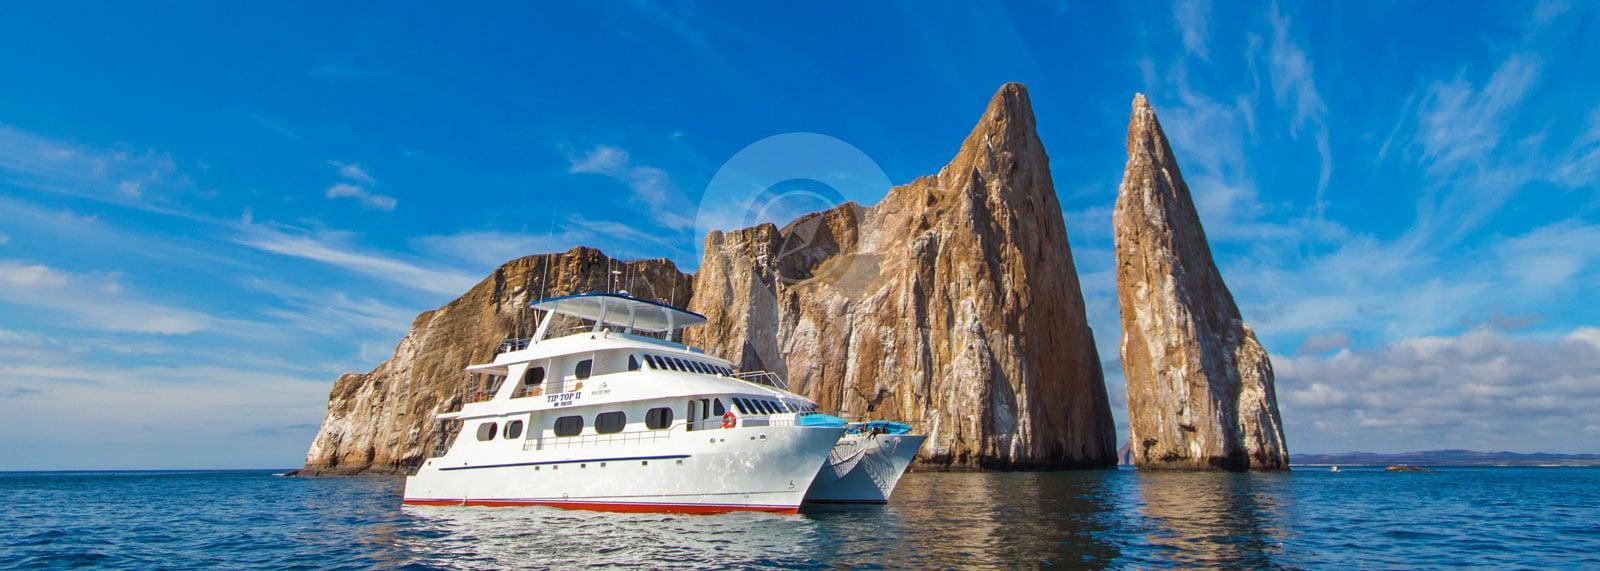 Tip Top 2 Galapagos Catamaran